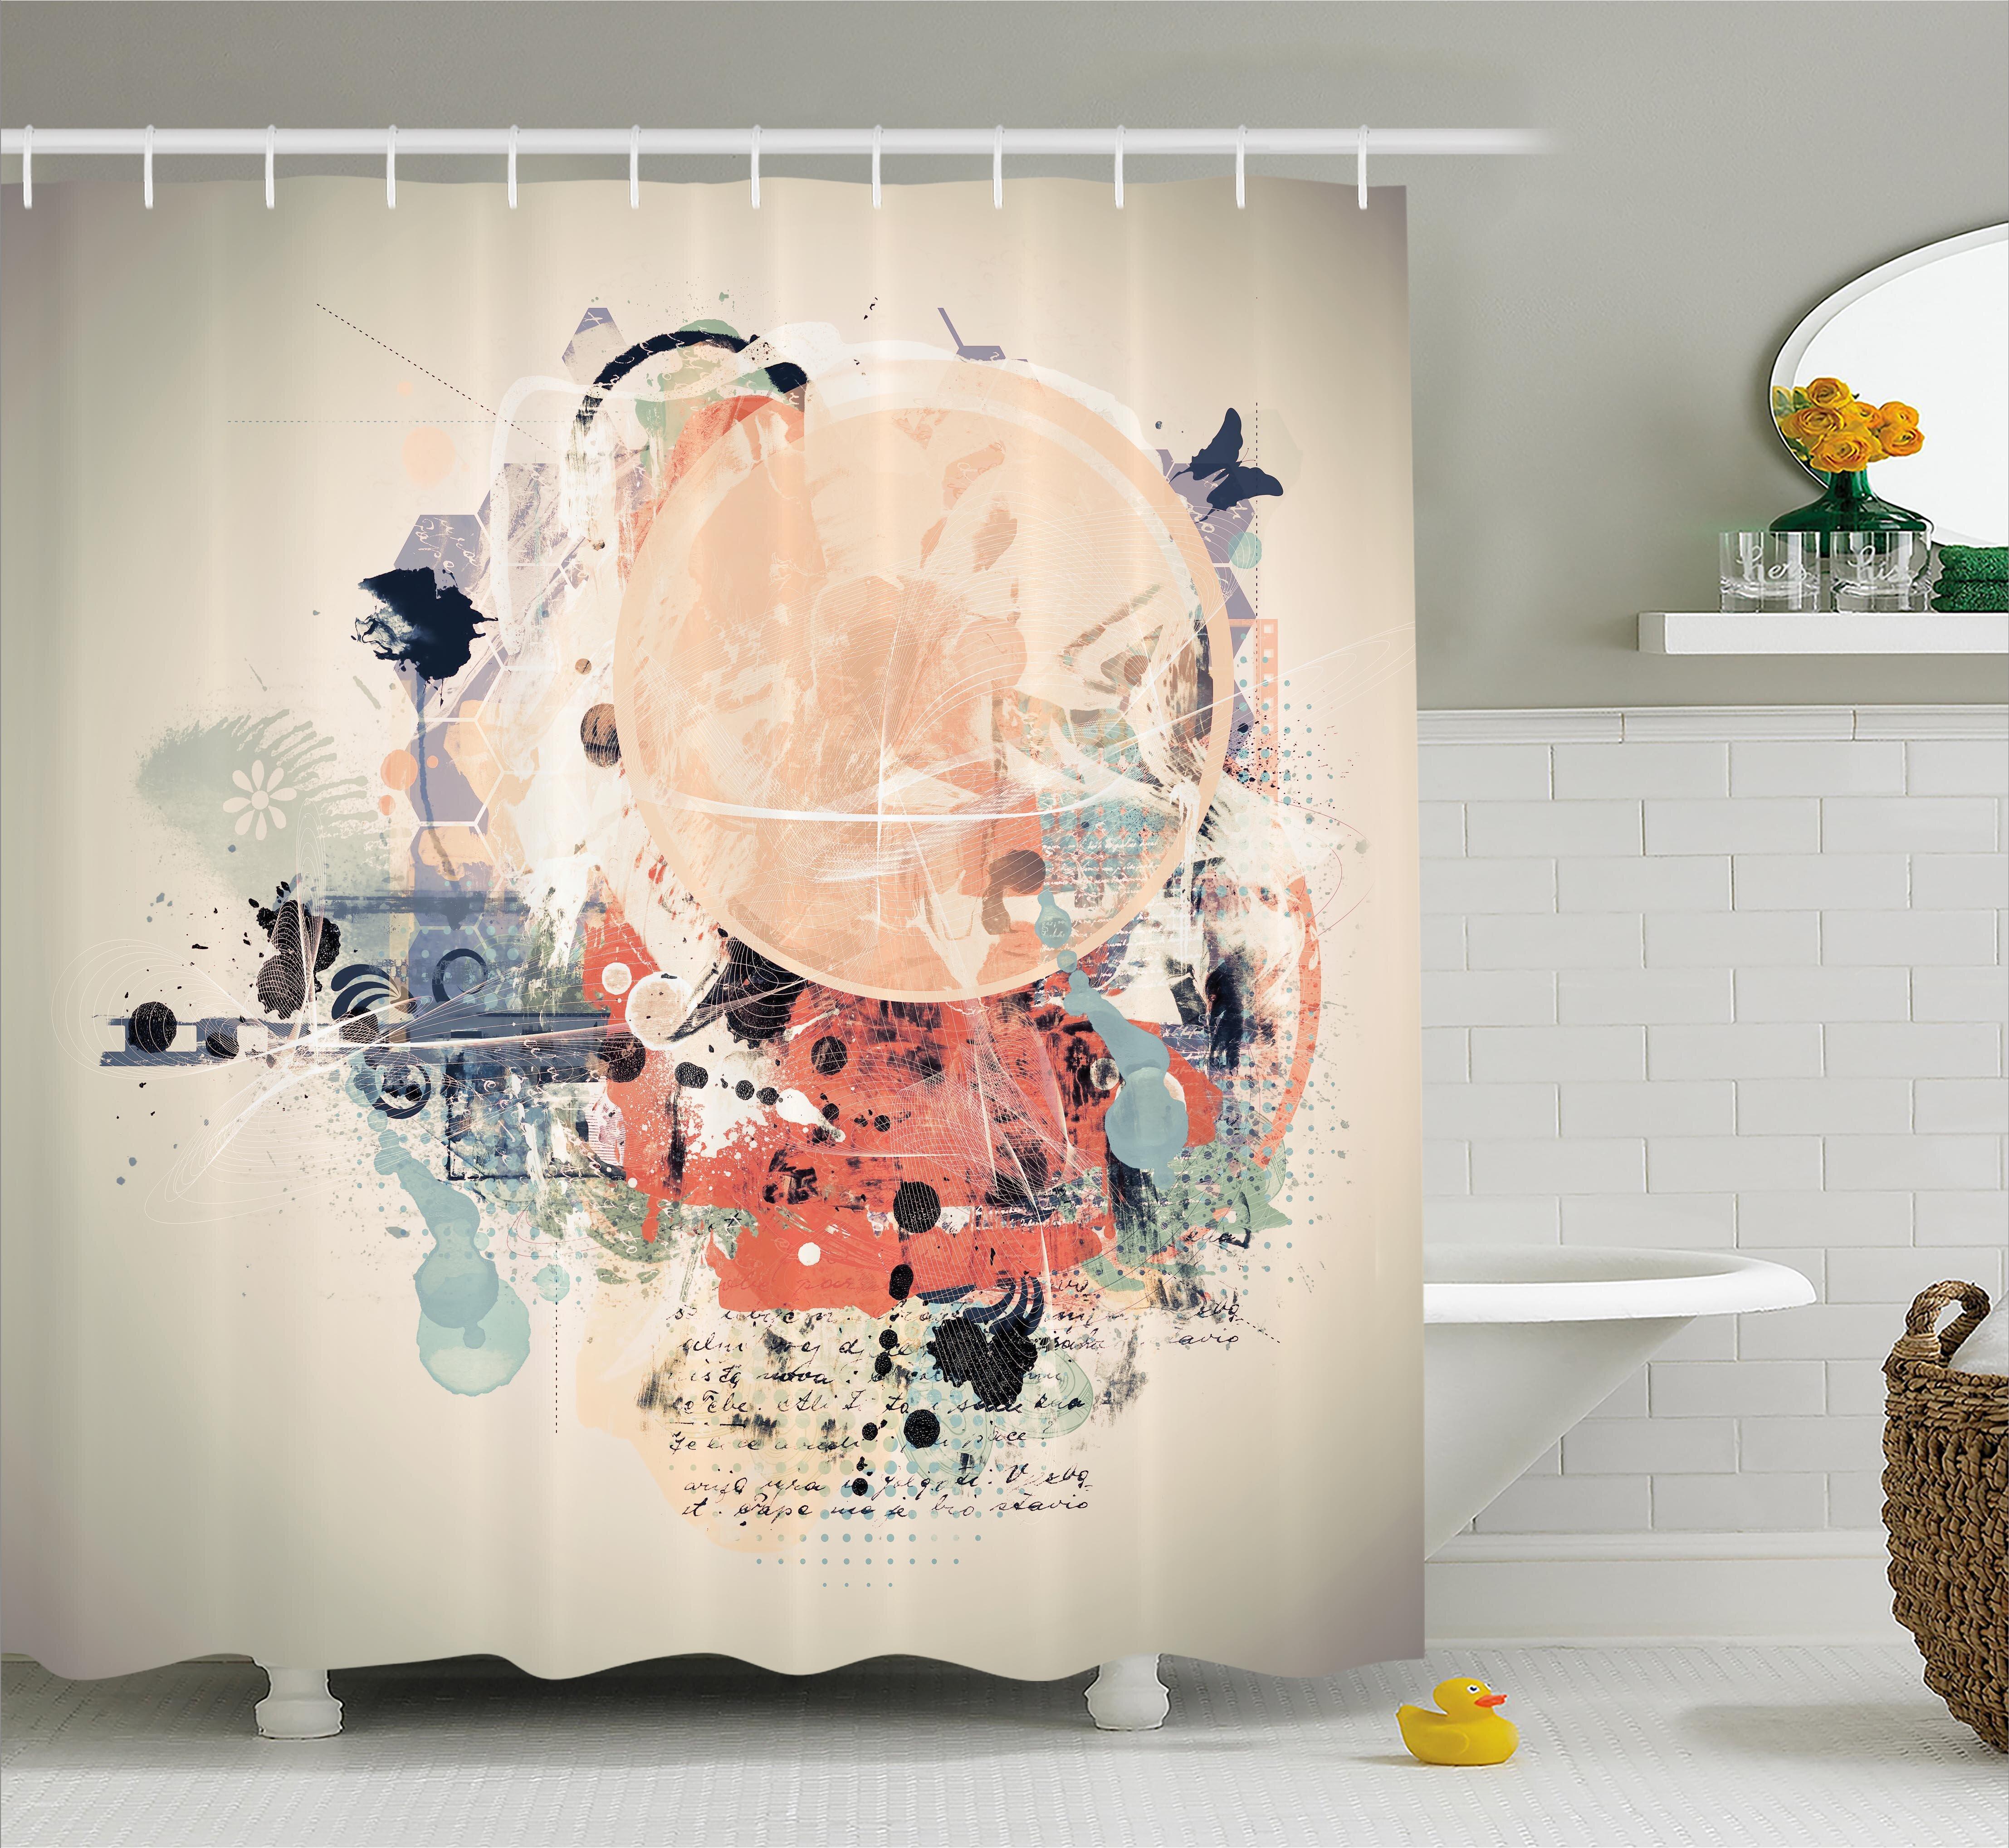 Ebern Designs Grant Grunge Mix Collage Shower Curtain